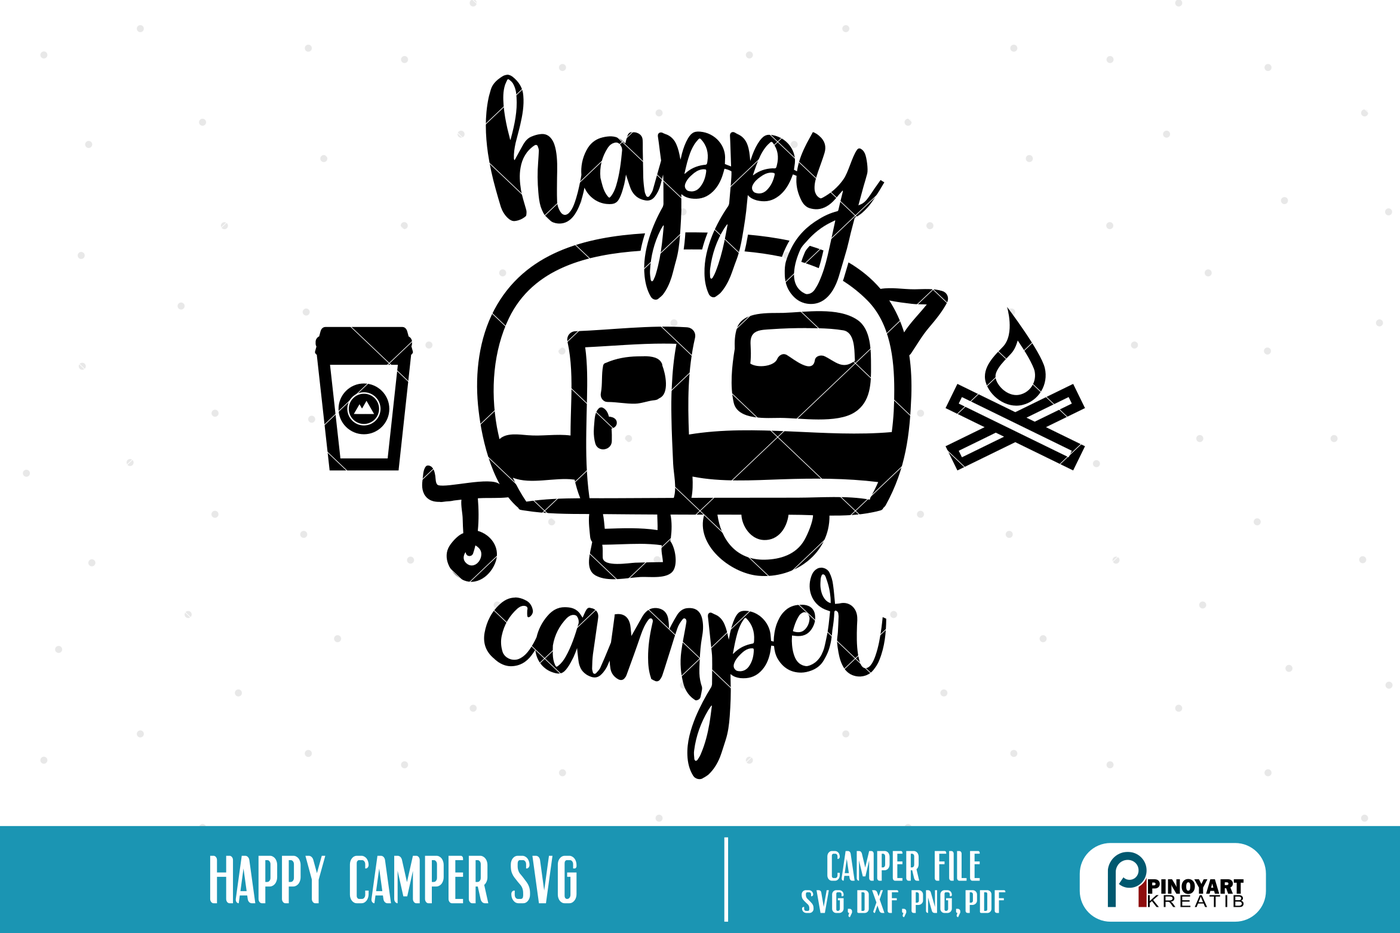 Happy Camper Svg Camping Svg Happy Camper Svg Camper Svg File